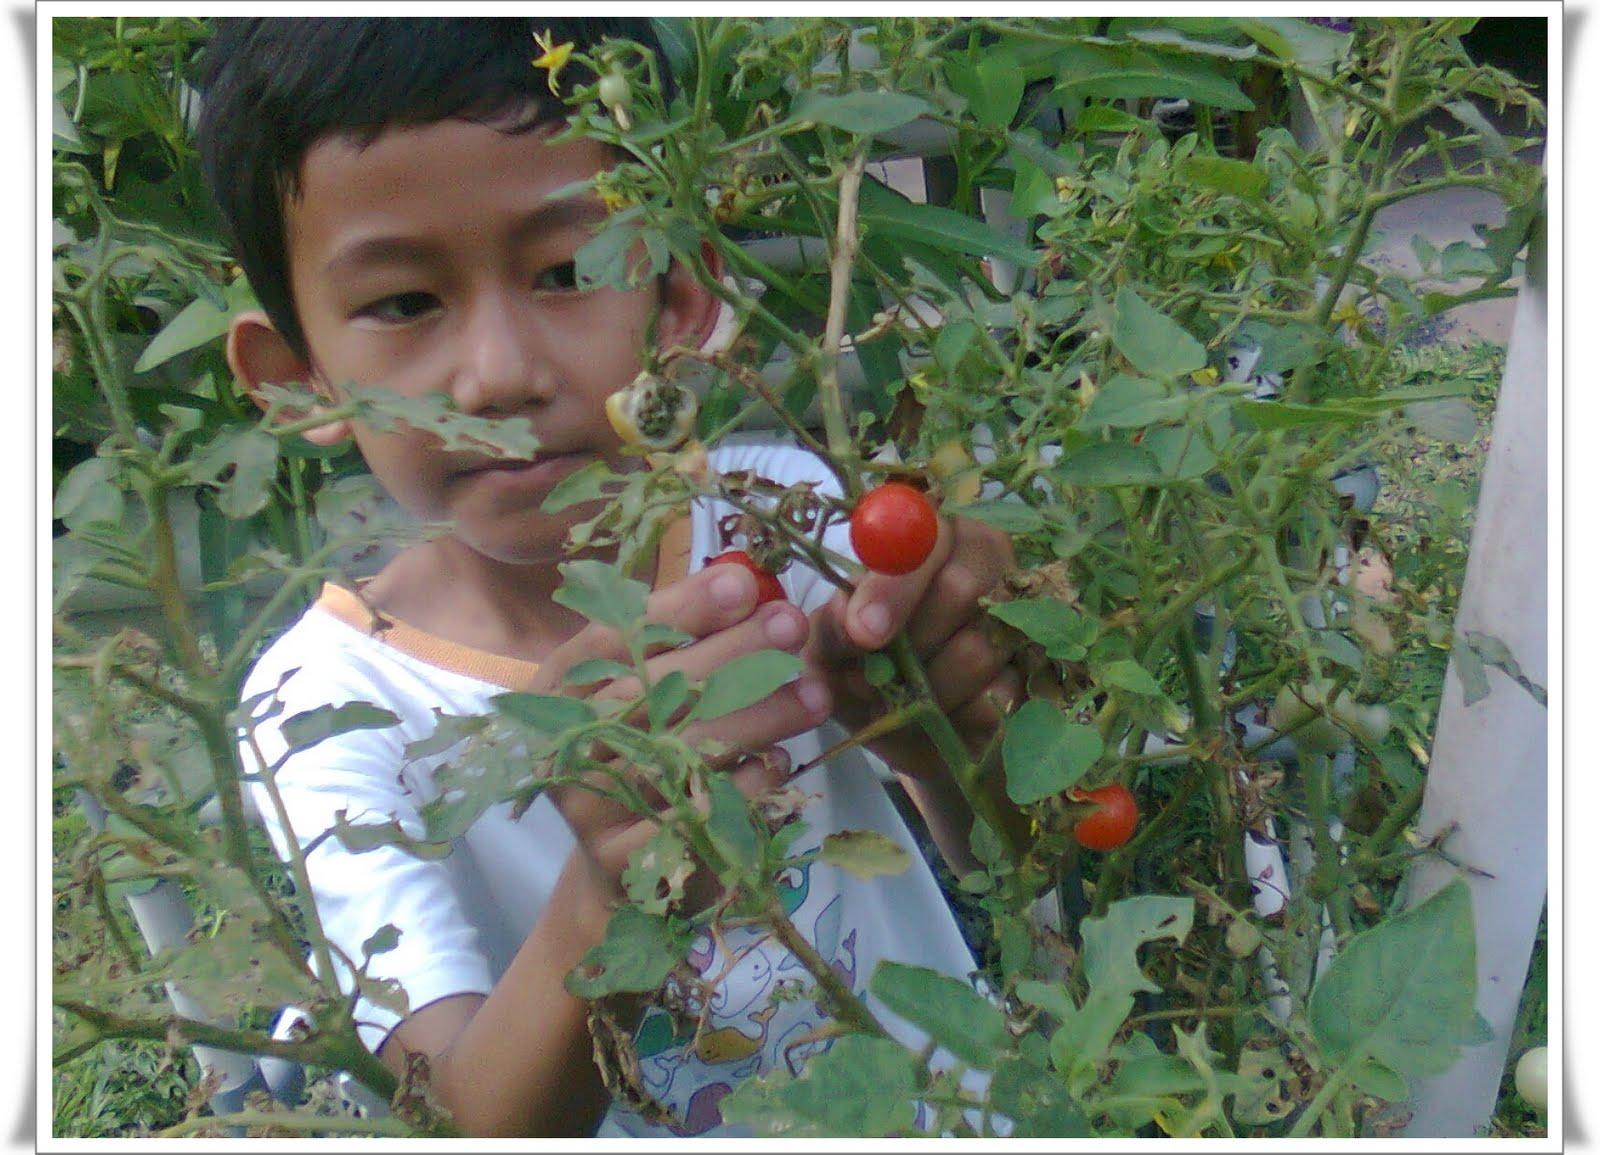 Skripsi Tentang Tomat Icefilmsinfo Globolister Tomat Tomat Ceri Yang Sudah Matang Untuk Dijadikan Bibit Di Rumah